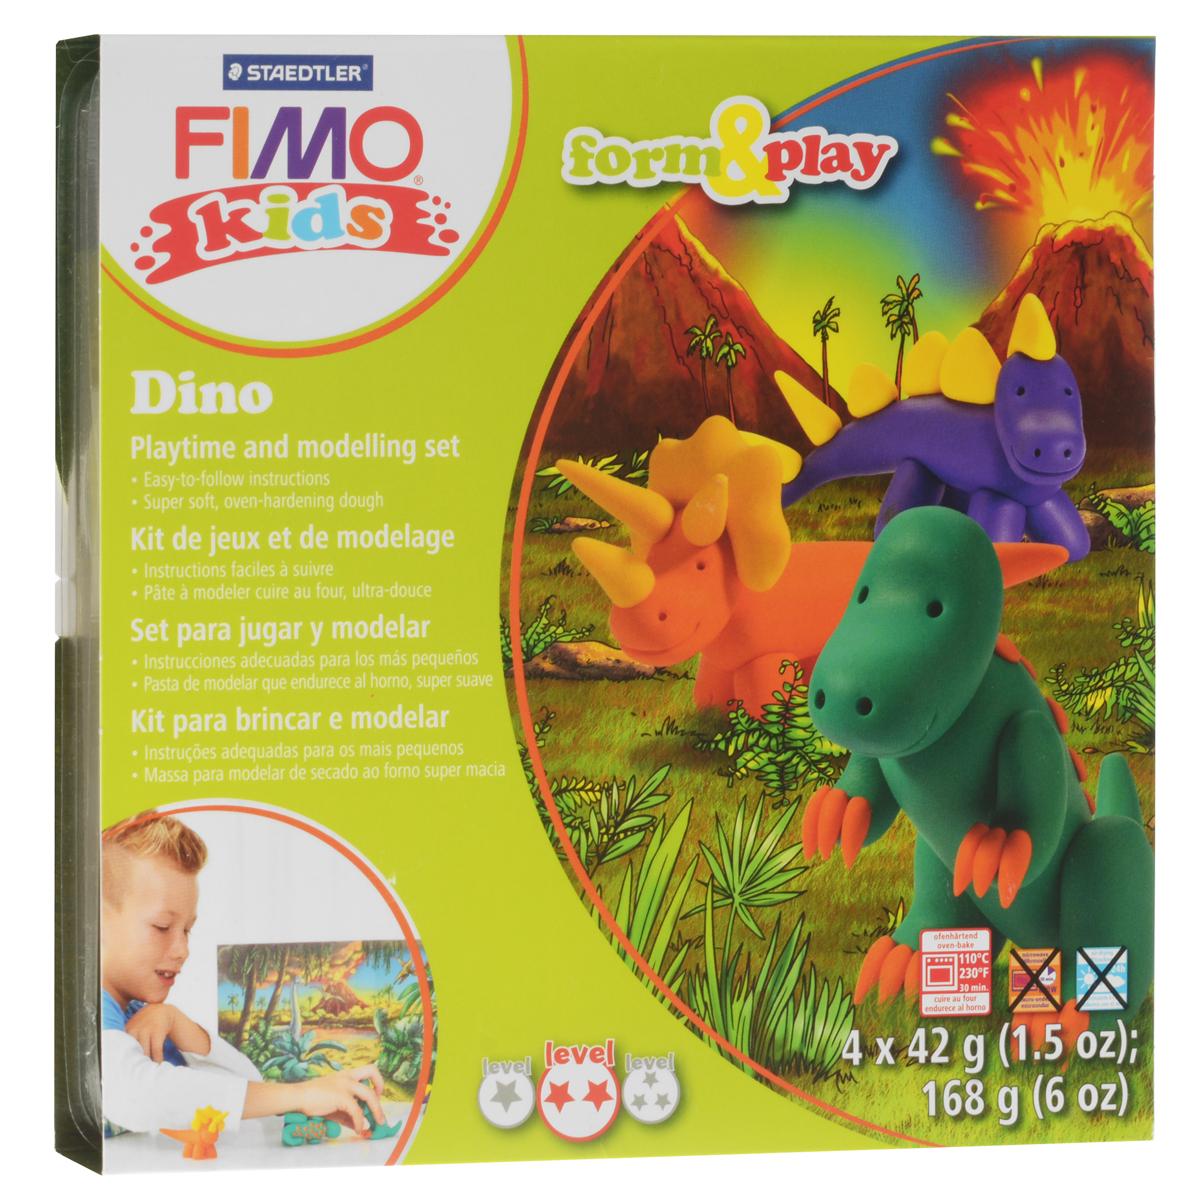 Набор для лепки Fimo Kids Дино8034 07 LZНабор для лепки Fimo Kids Дино представляет собой сочетание моделирования и игры. Набор включает в себя: 4 блока массы для лепки по 42 г (желтый, оранжевый, зеленый, фиолетовый), стек для моделирования, игровая фоновая сцена. Входящая в набор полимерная глина разработана специально для детей, она мягкая, пластичная и ей легко придавать различные формы. Игровая фоновая сцена, изображенная на внутренней стороне упаковки, не только доставит дополнительное удовольствие от игры, но и вдохновит на новые идеи моделирования. При помощи этого набора ваш малыш сможет своими руками изготовить забавные фигурки динозавров. В домашних условиях готовая поделка выпекается в духовом шкафу при температуре 110°С в течении 15-30 минут (в зависимости от величины изделия). Отвердевшие изделия могут быть раскрашены акриловыми красками, покрыты лаком, склеены друг с другом или с другими материалами.